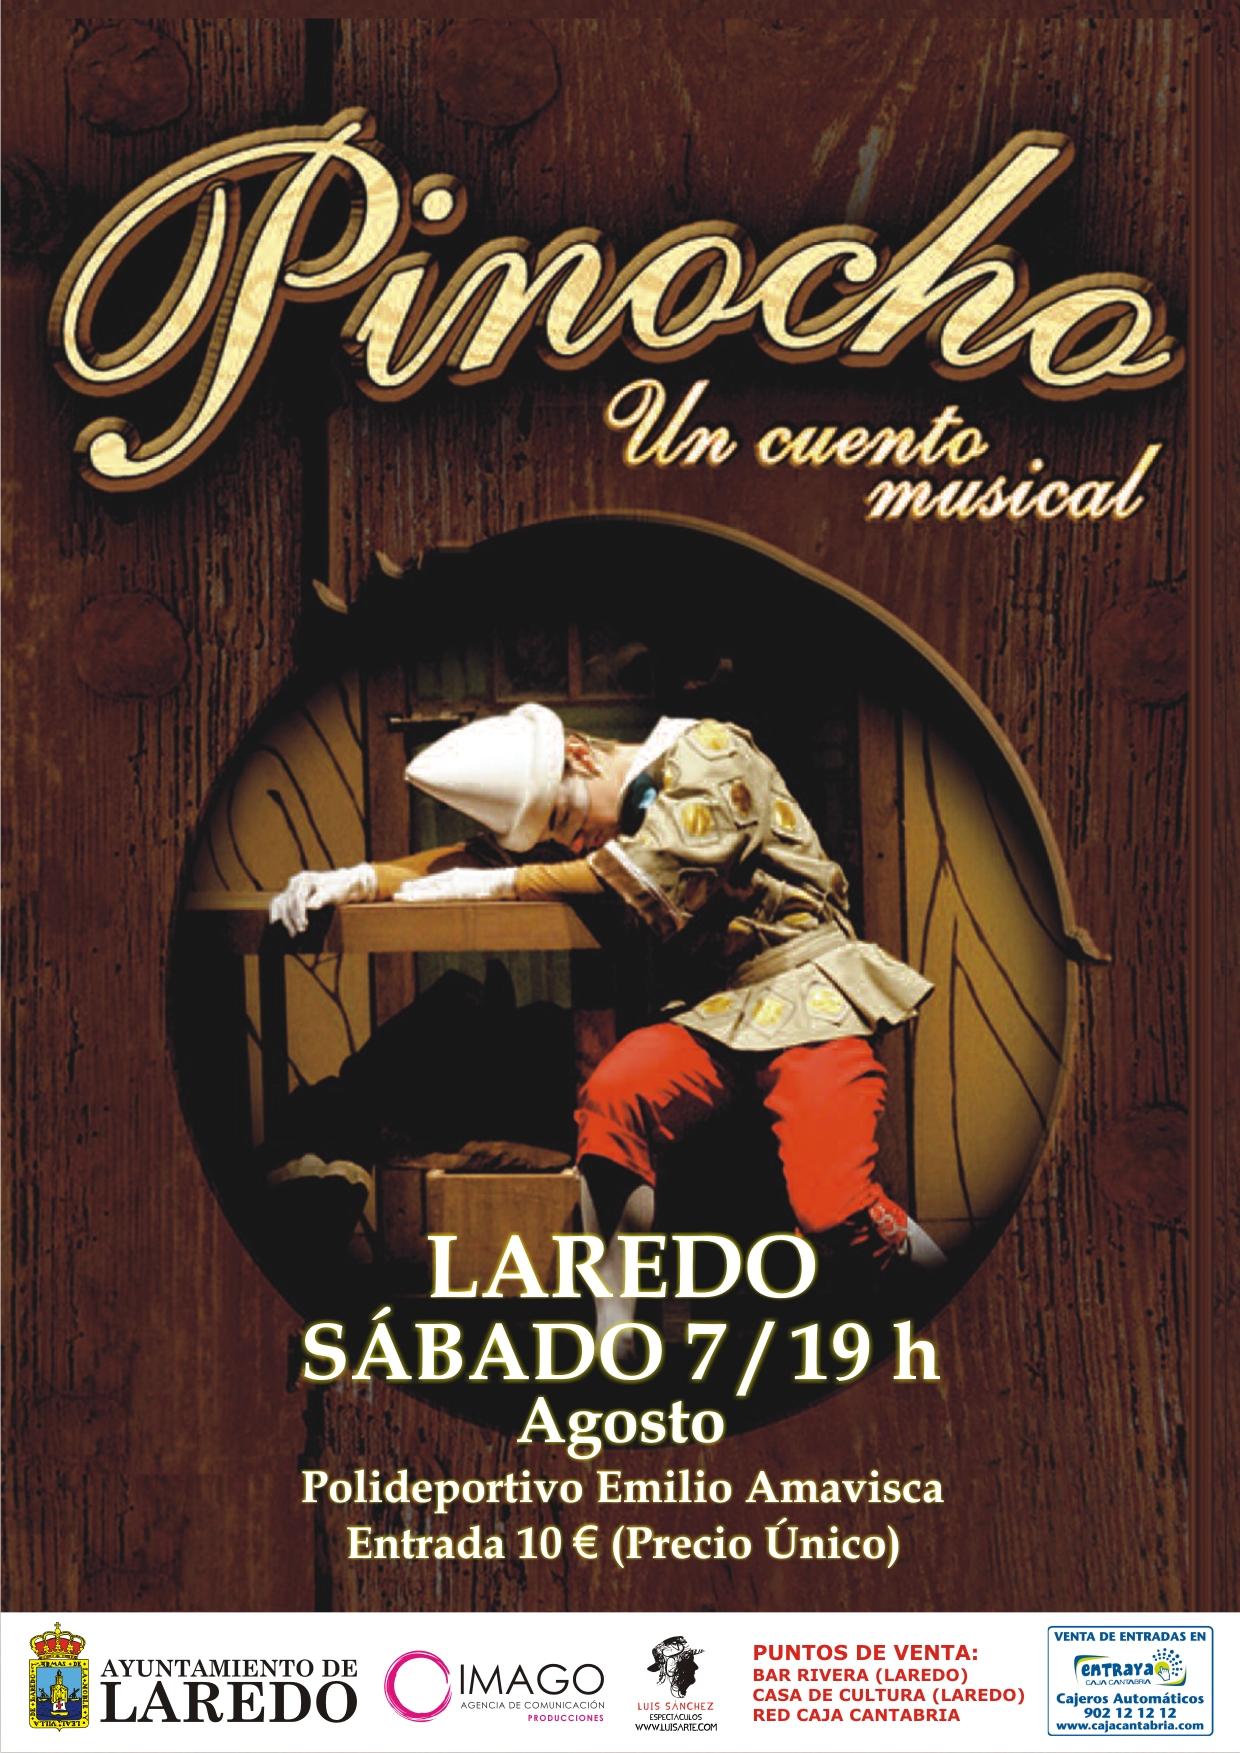 Musical pinocho un cuento musical ayuntamiento de for Oficina zaragoza delicias dni